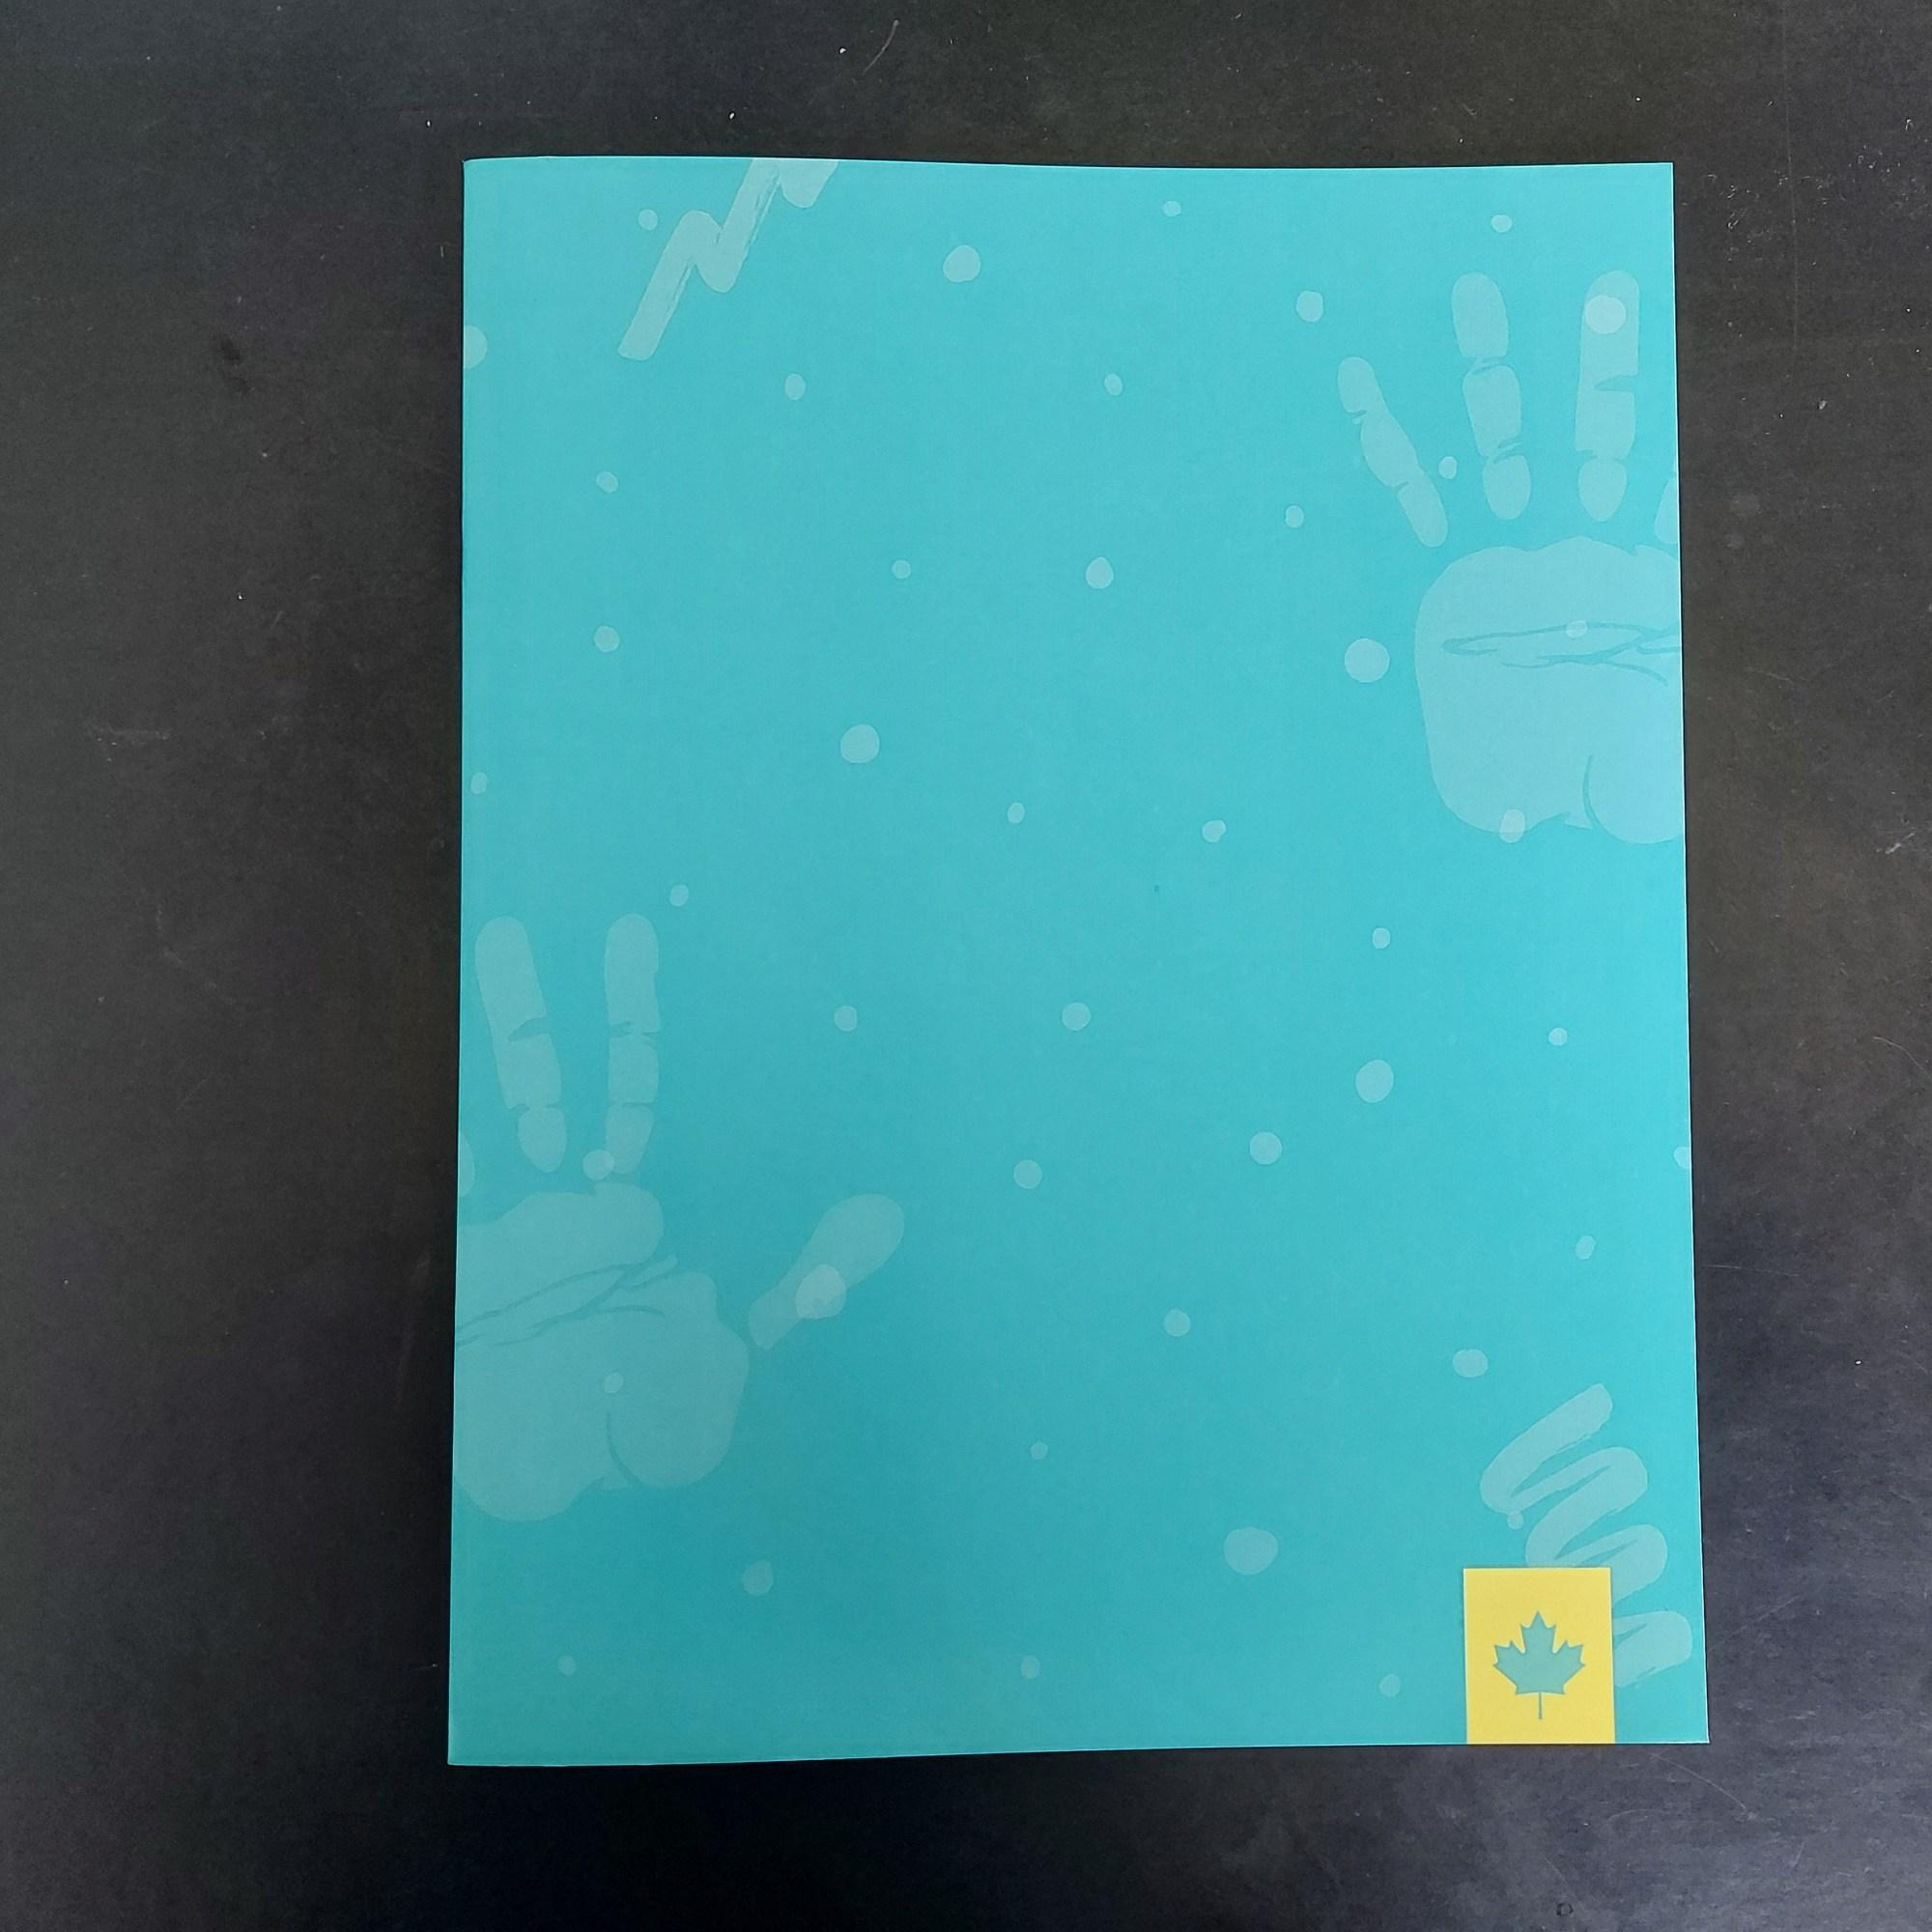 Impression de cahiers / livres effacable avec lamination dry erase (effacable) Montréal - lavable